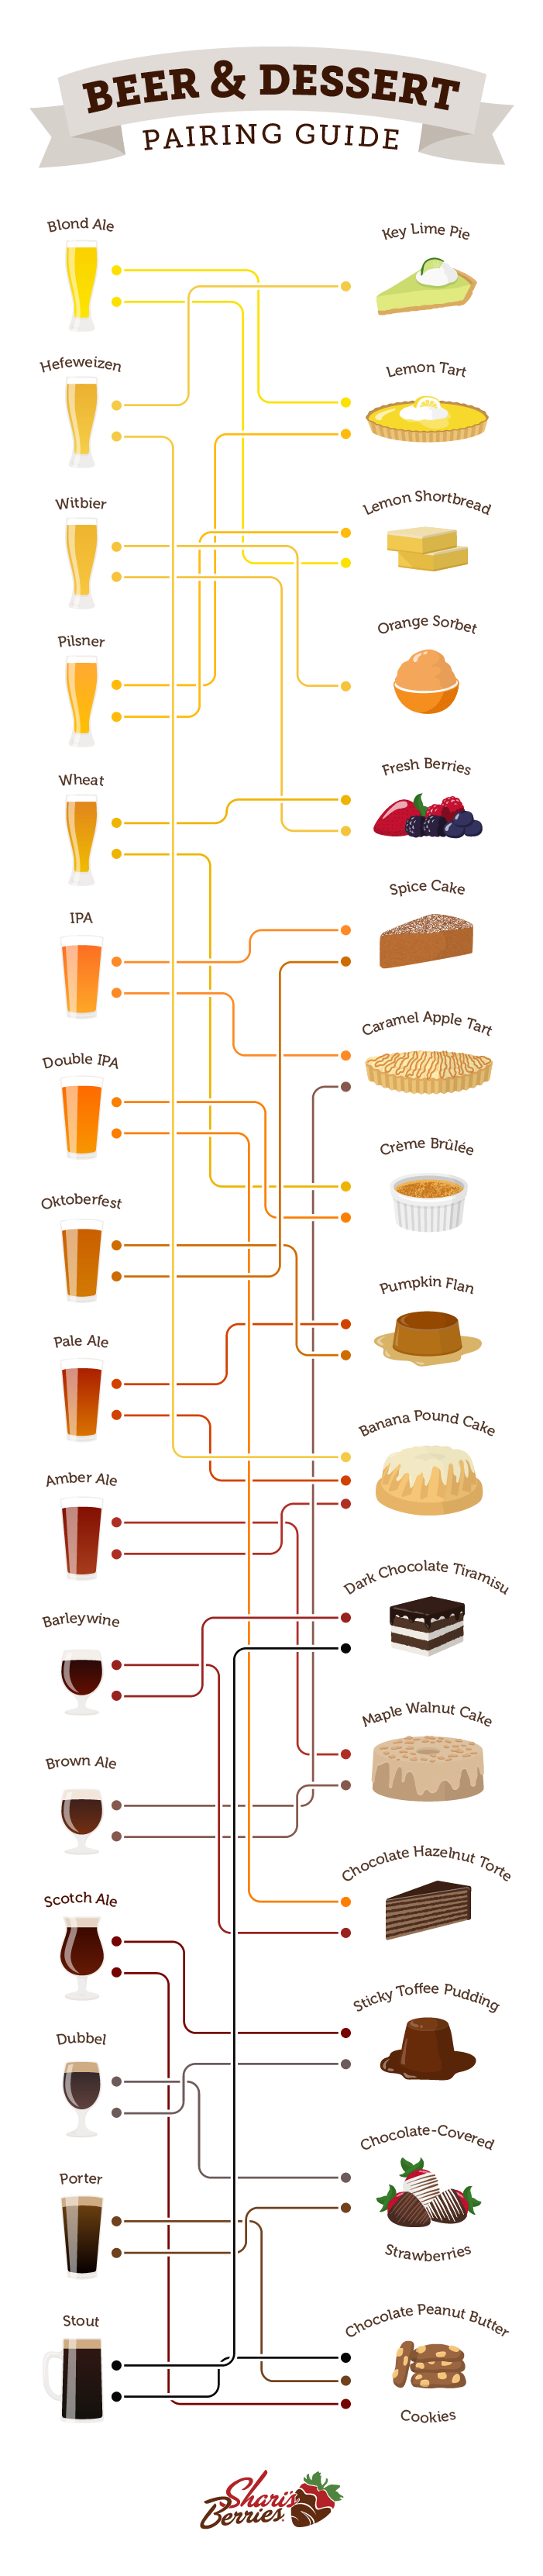 SB-Beer-Dessert-Pairings